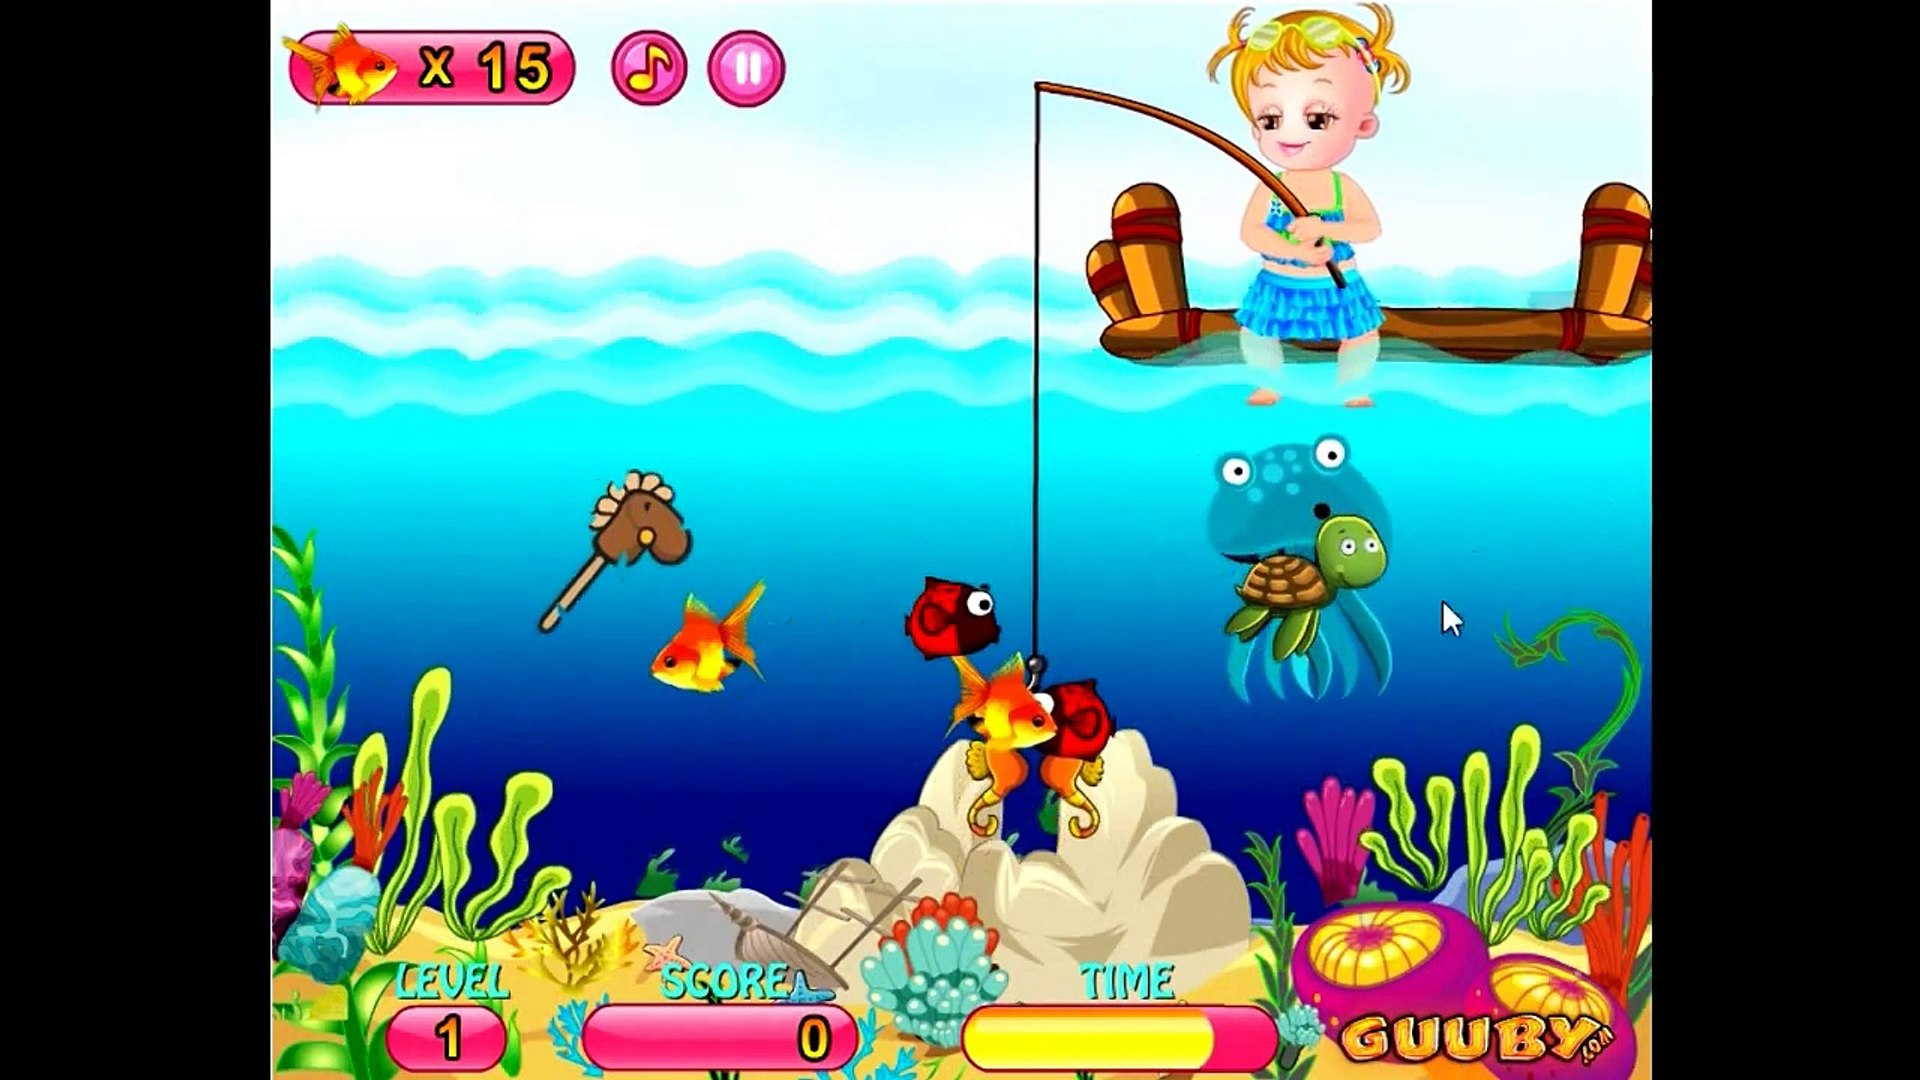 Онлайн бесплатно игры для девочек малышка хейзел новые гонки онлайн видео обзор